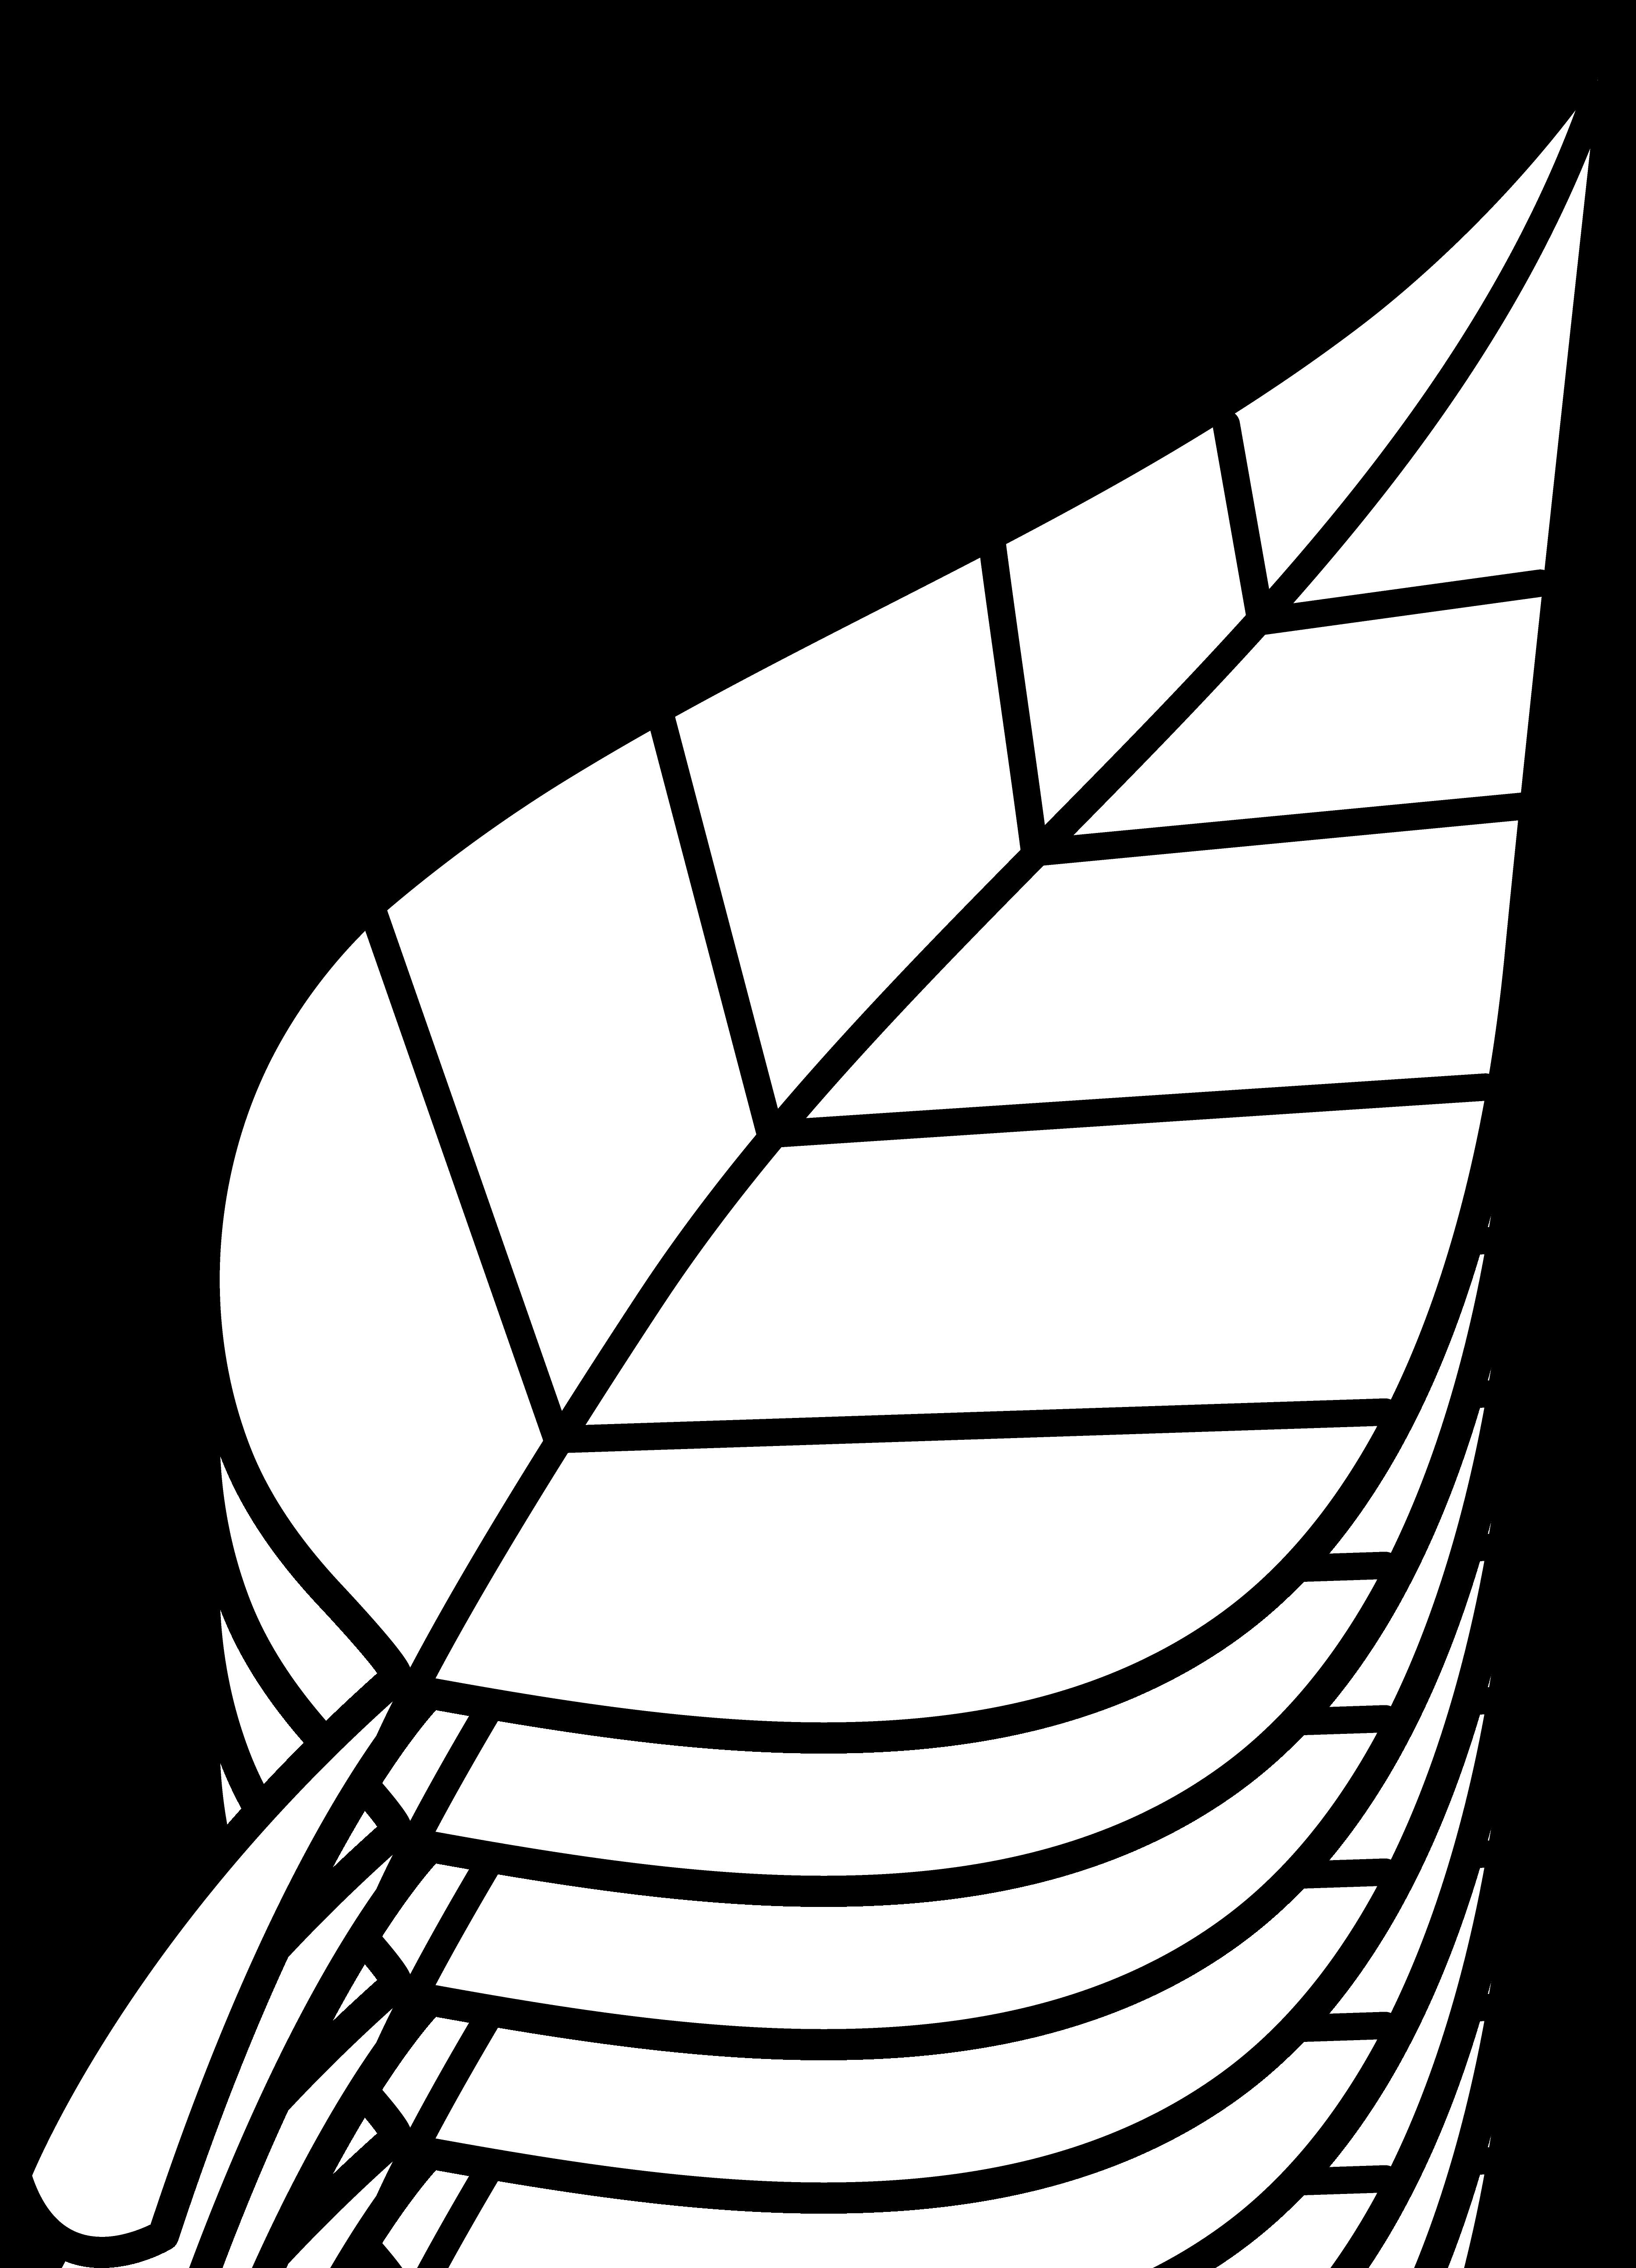 Leaf Clip Art Outline Clipart Panda Free-Leaf Clip Art Outline Clipart Panda Free Clipart Images-9